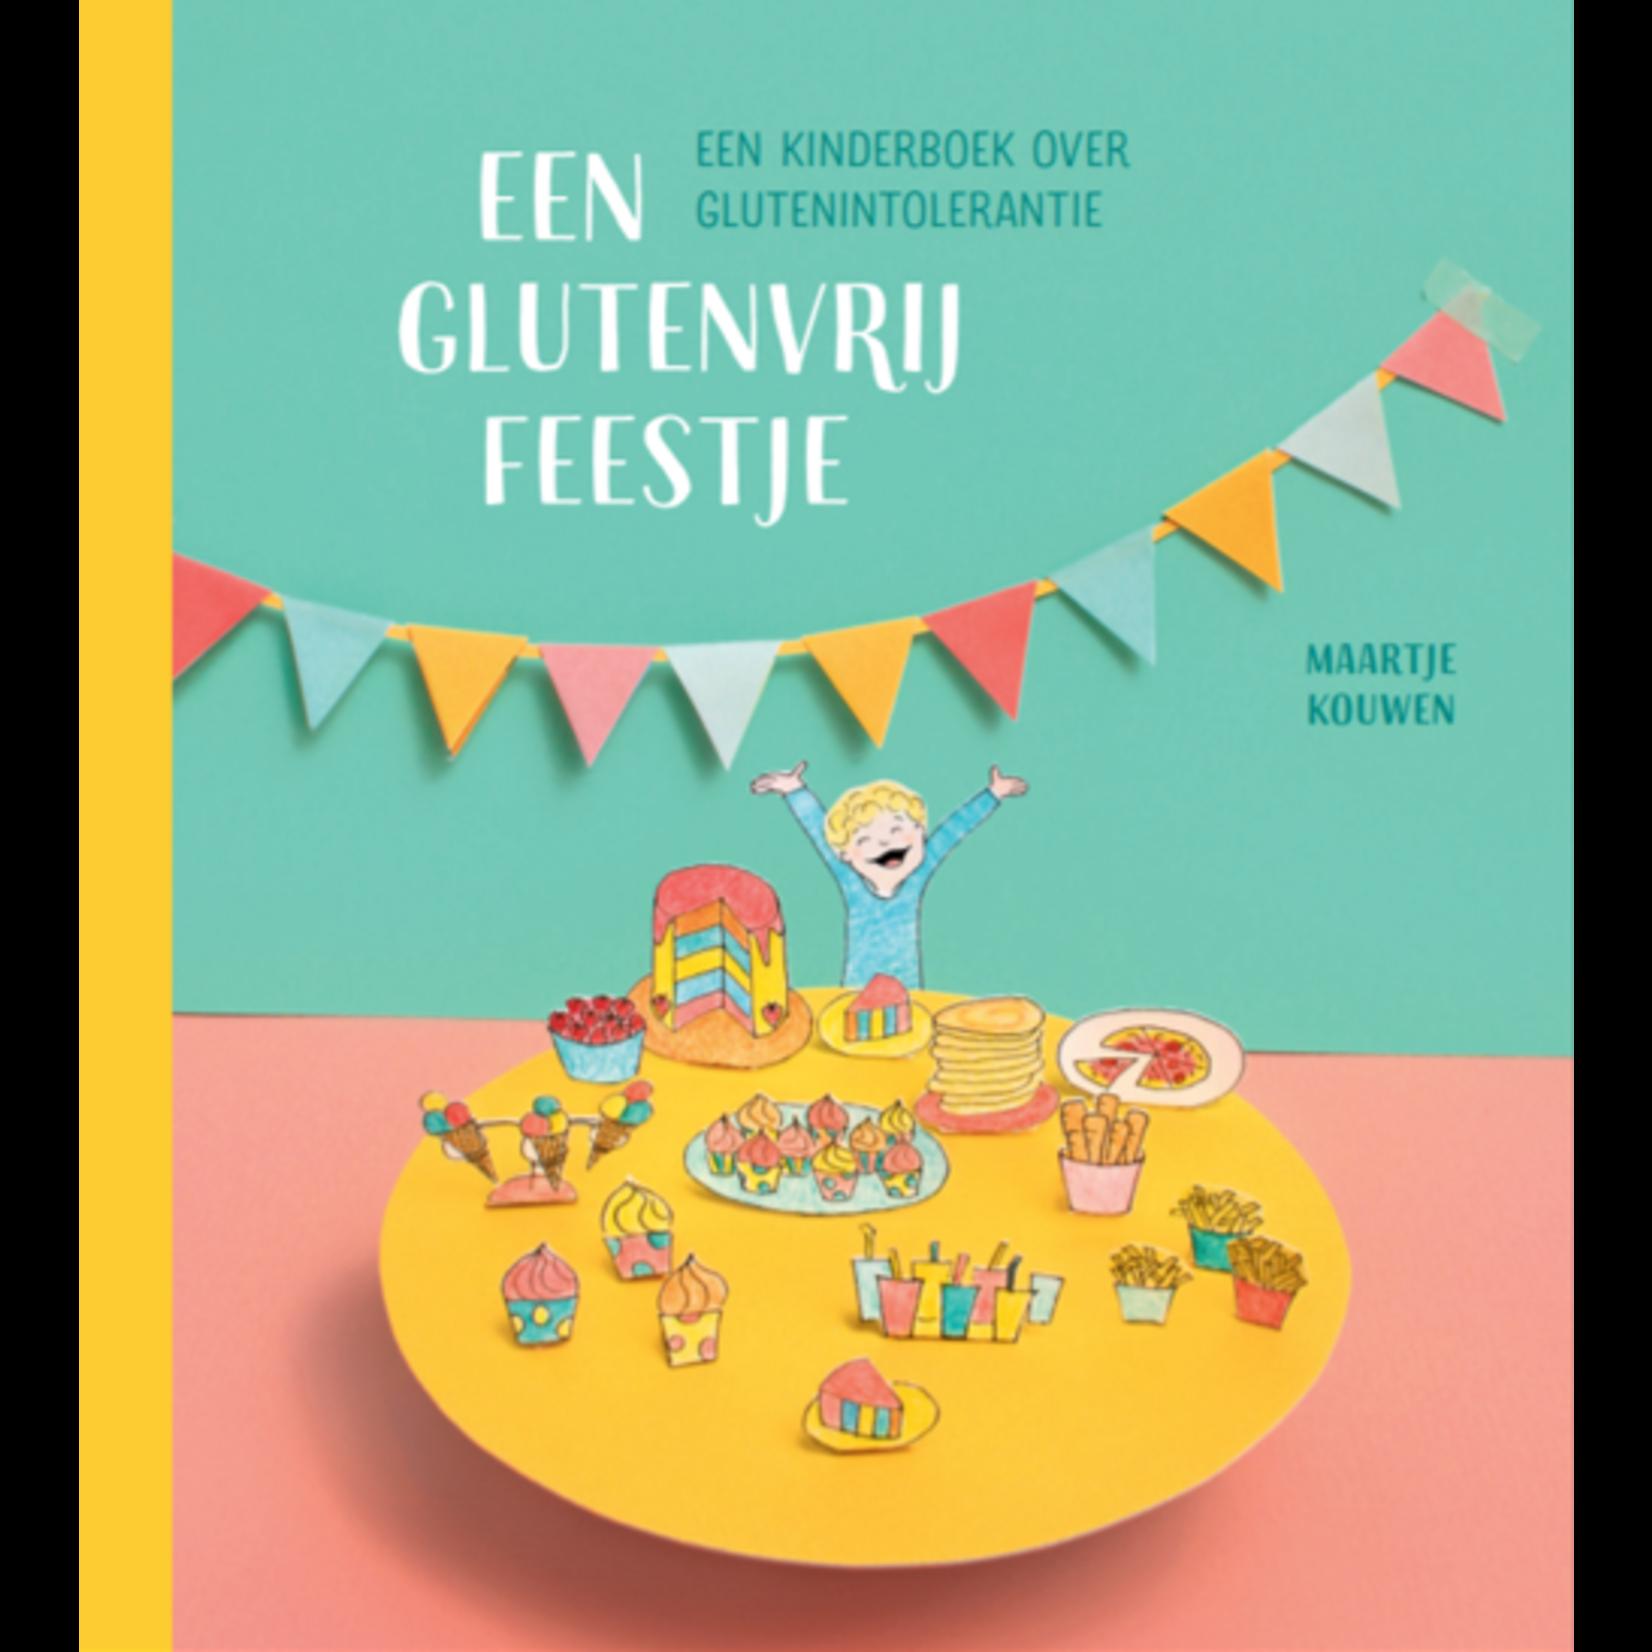 Boek: Glutenvrij feestje